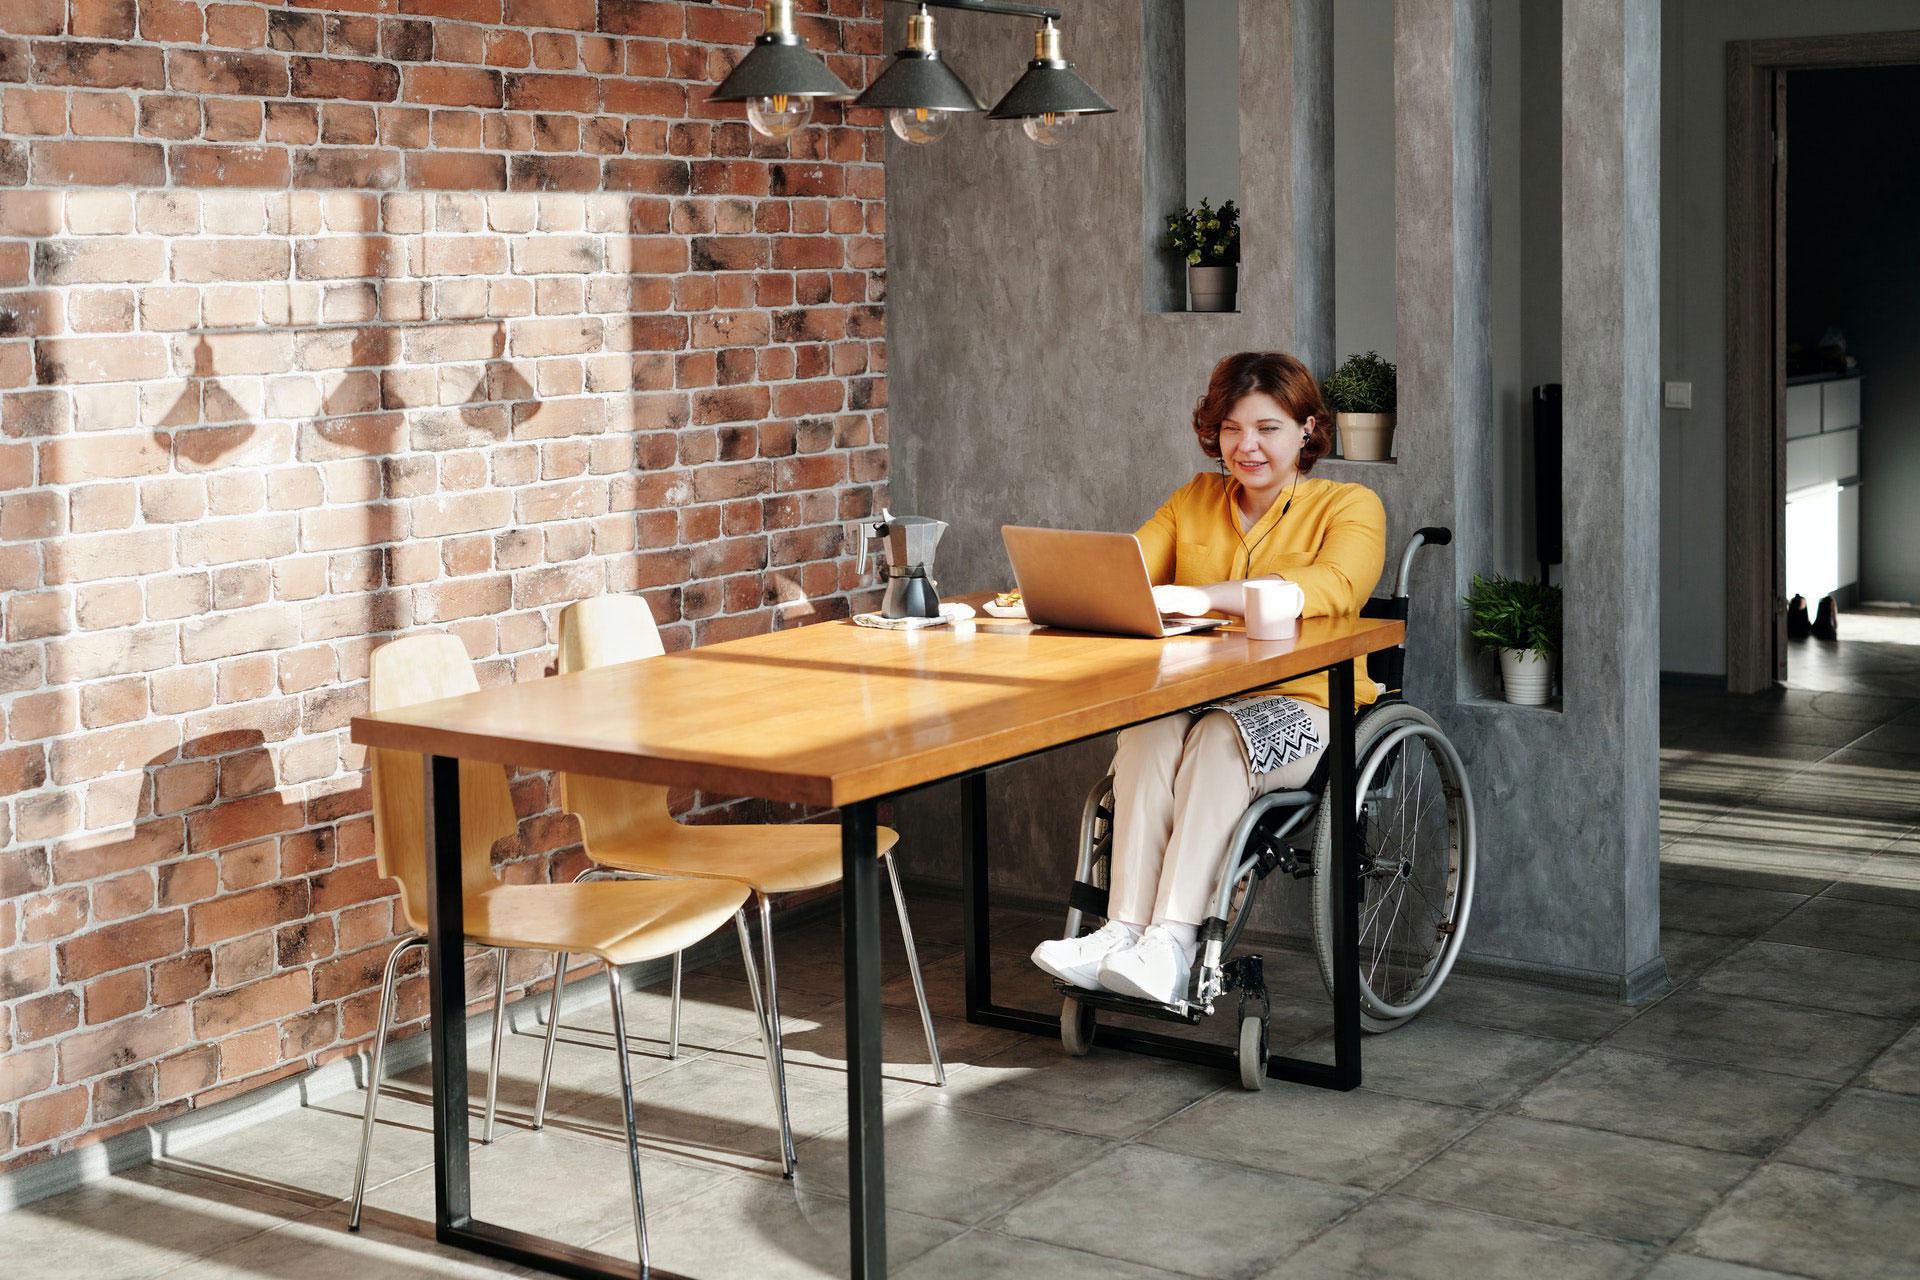 Kvinne i rullestol sitter ved et bord.